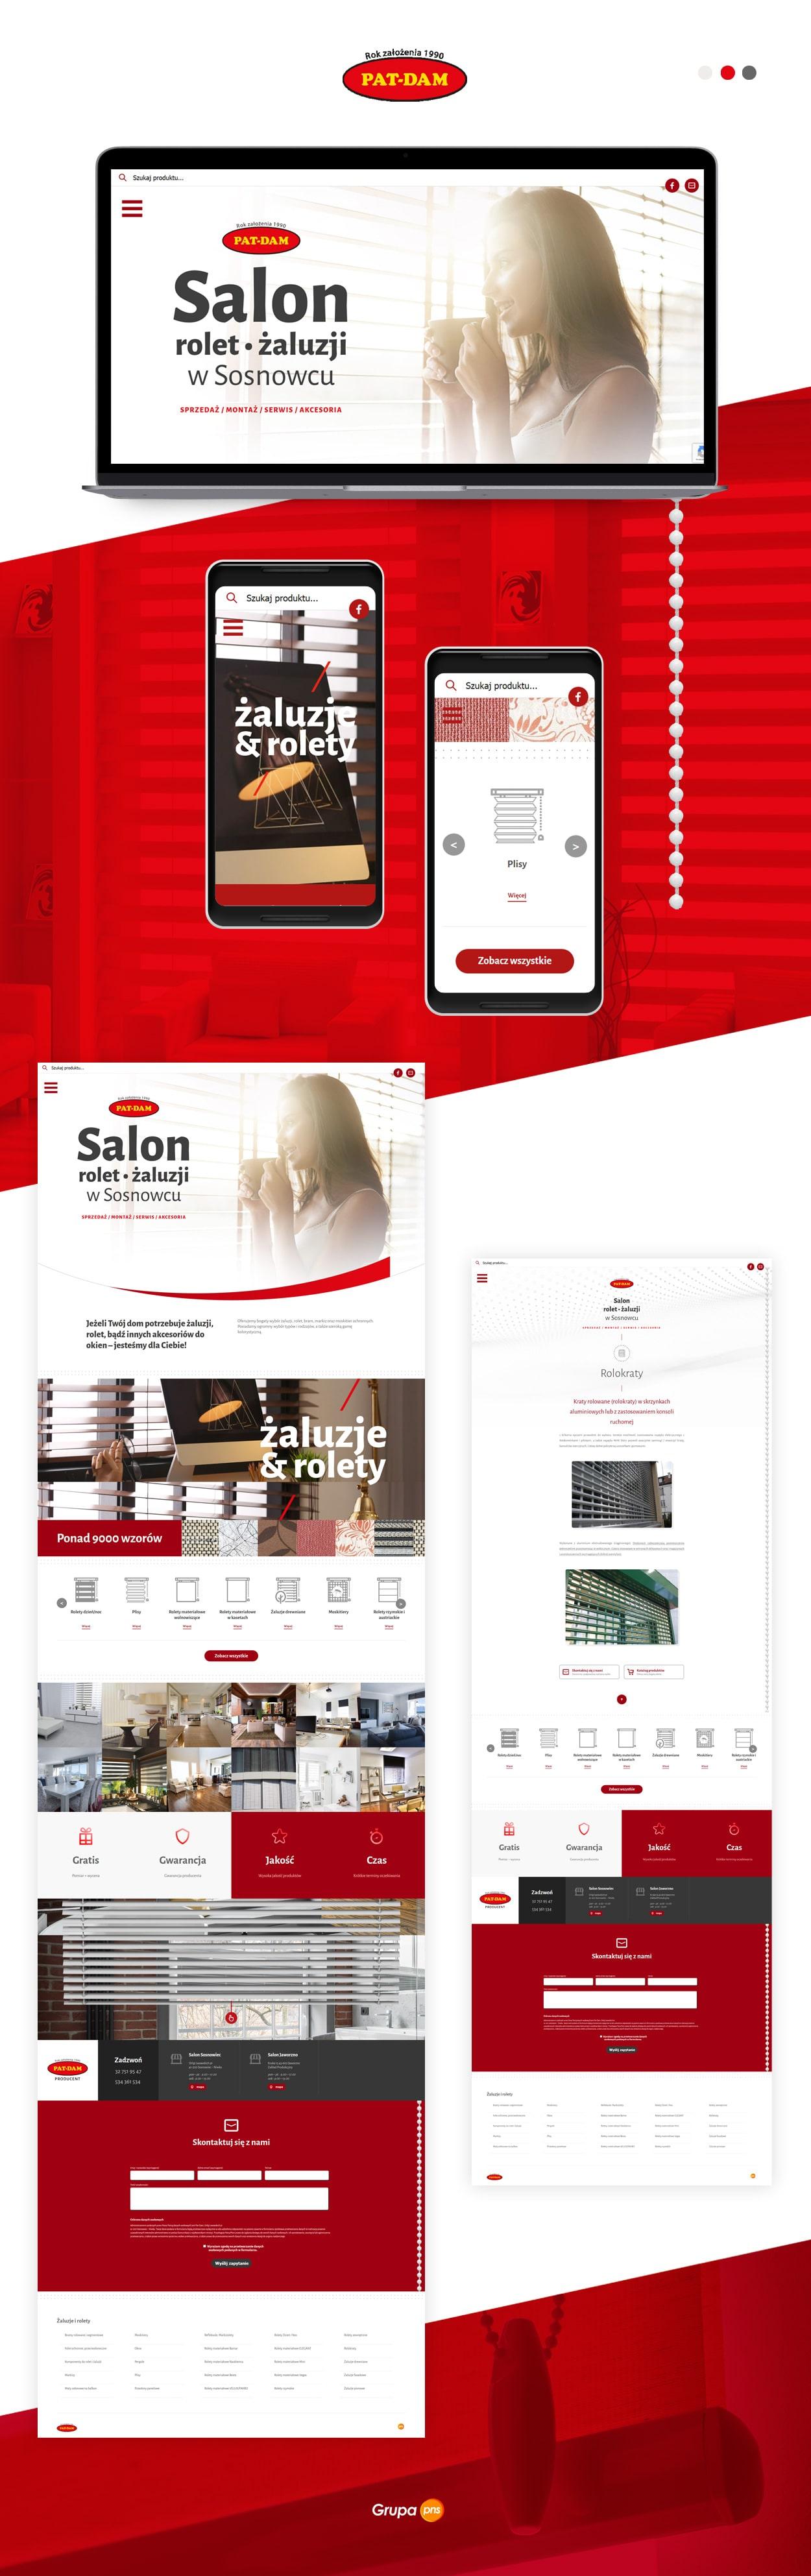 projekt-strony-internetowej-dla-salonu-sprzedazy-rolet-patdam